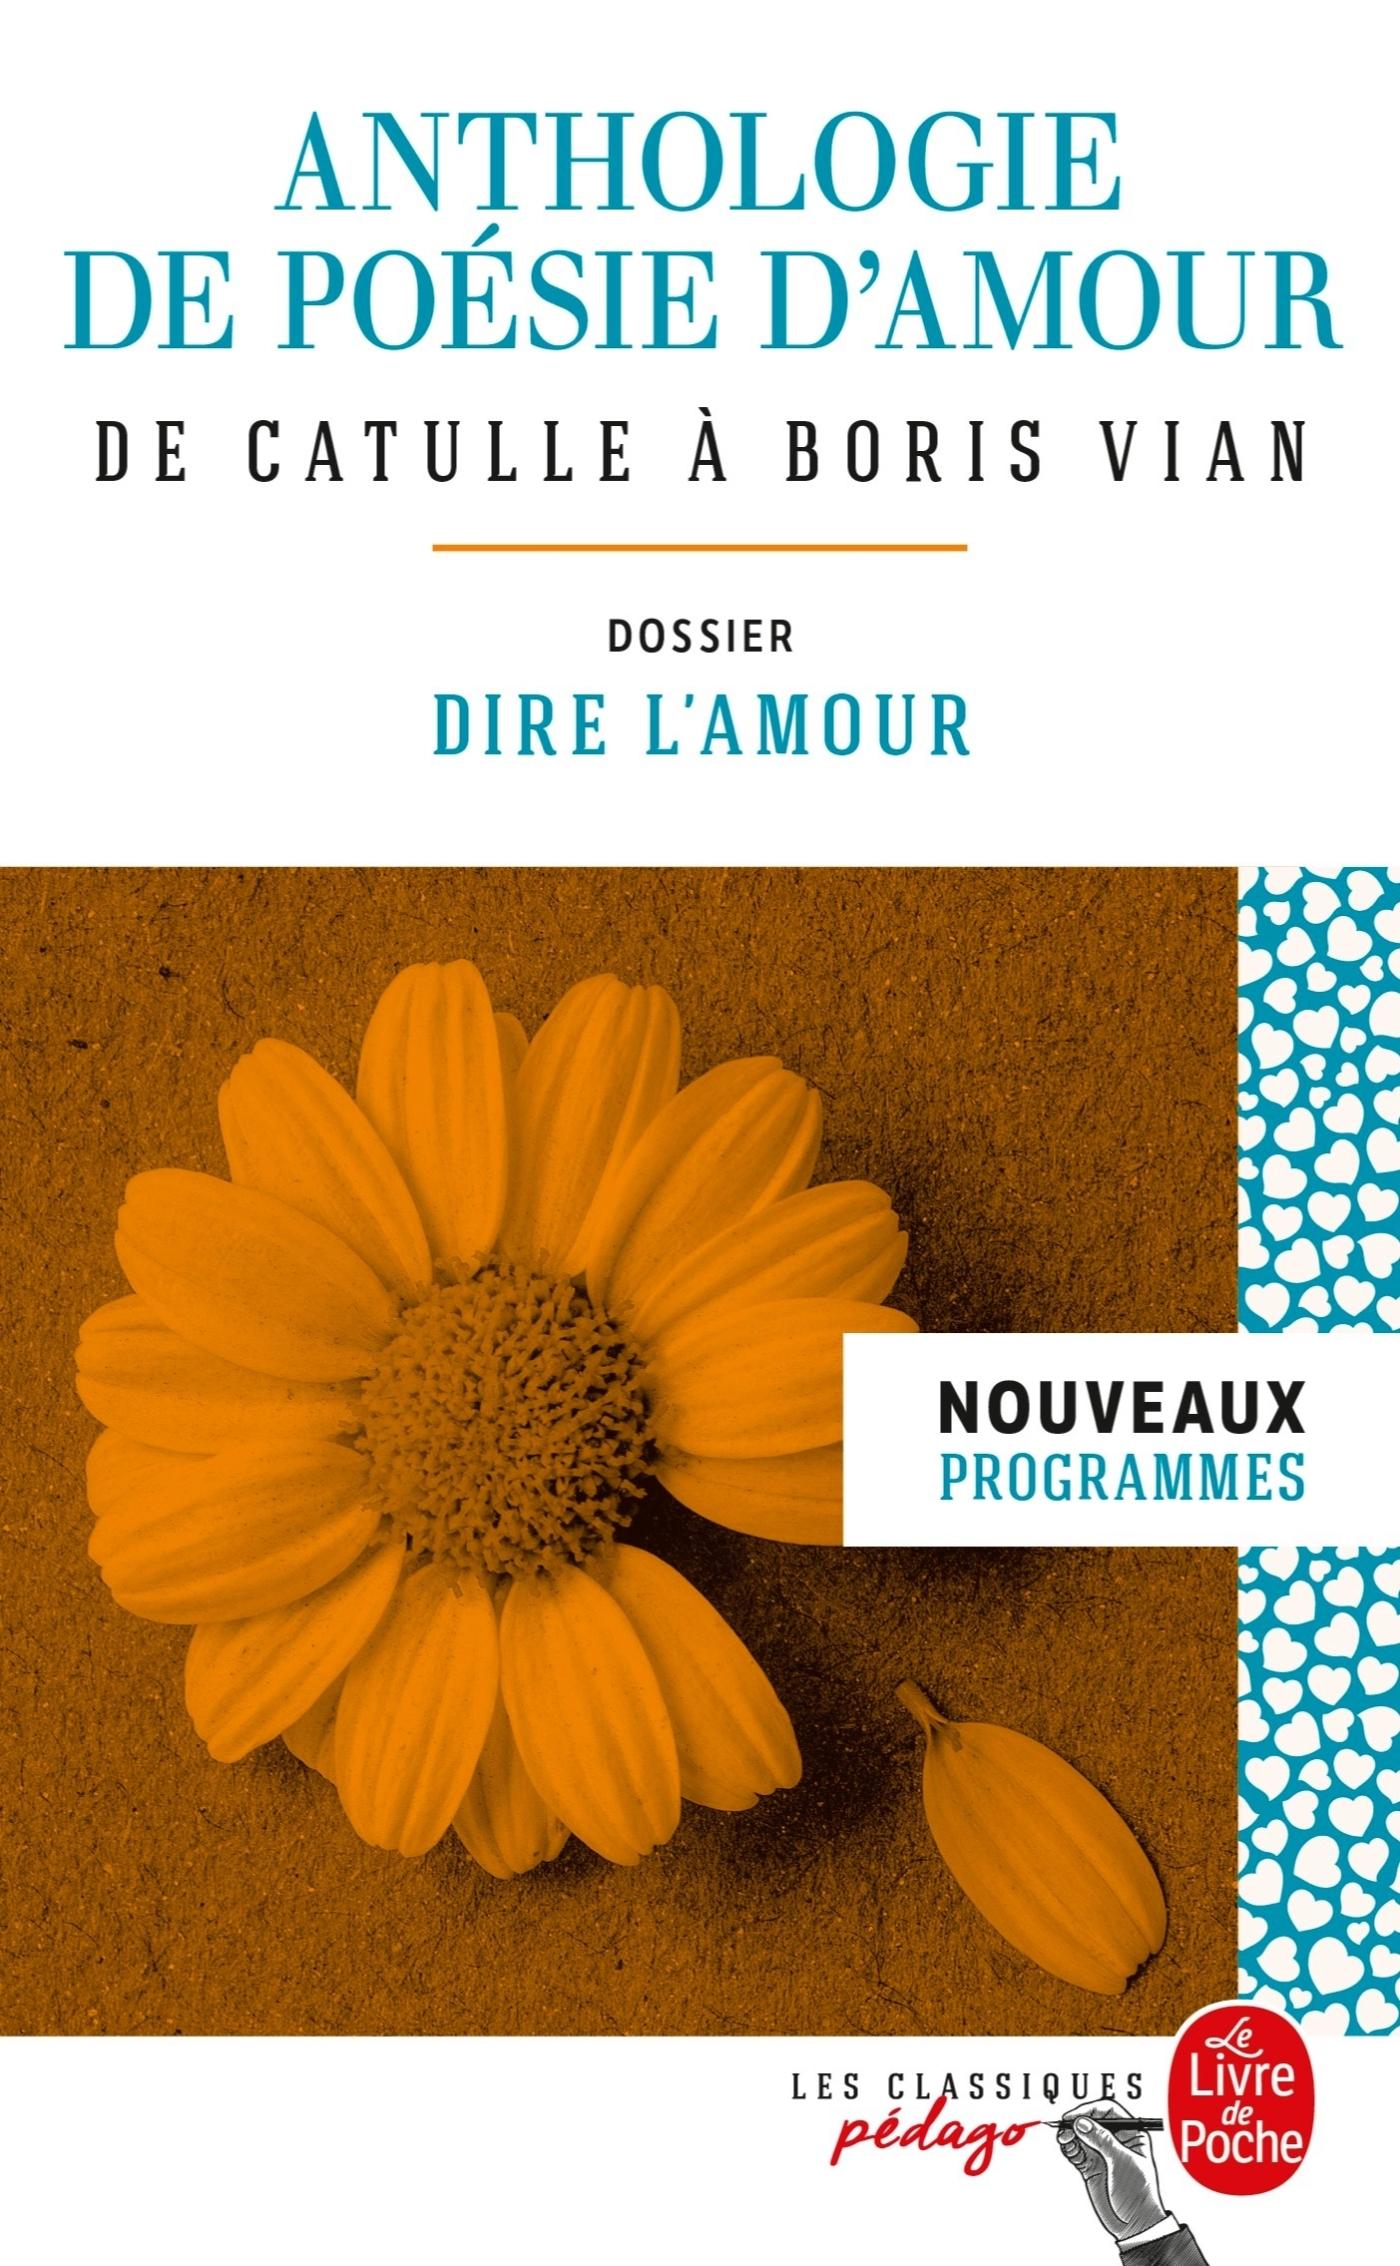 ANTHOLOGIE DE POESIE D'AMOUR (EDITION PEDAGOGIQUE)